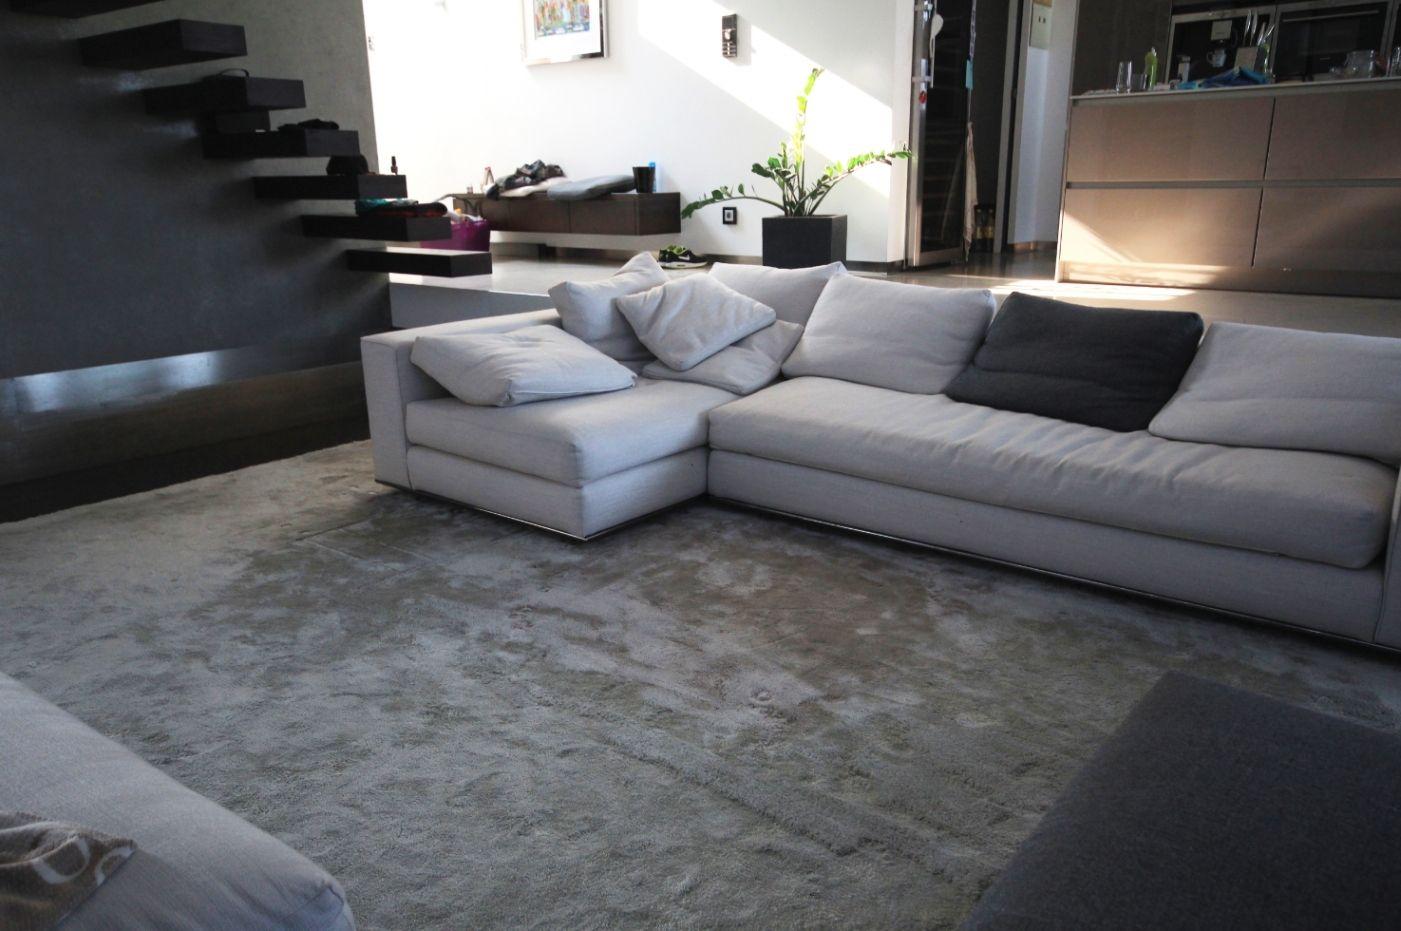 Beste Von Wohnzimmer Hintergrund | Wohnzimmer couch | Pinterest ...